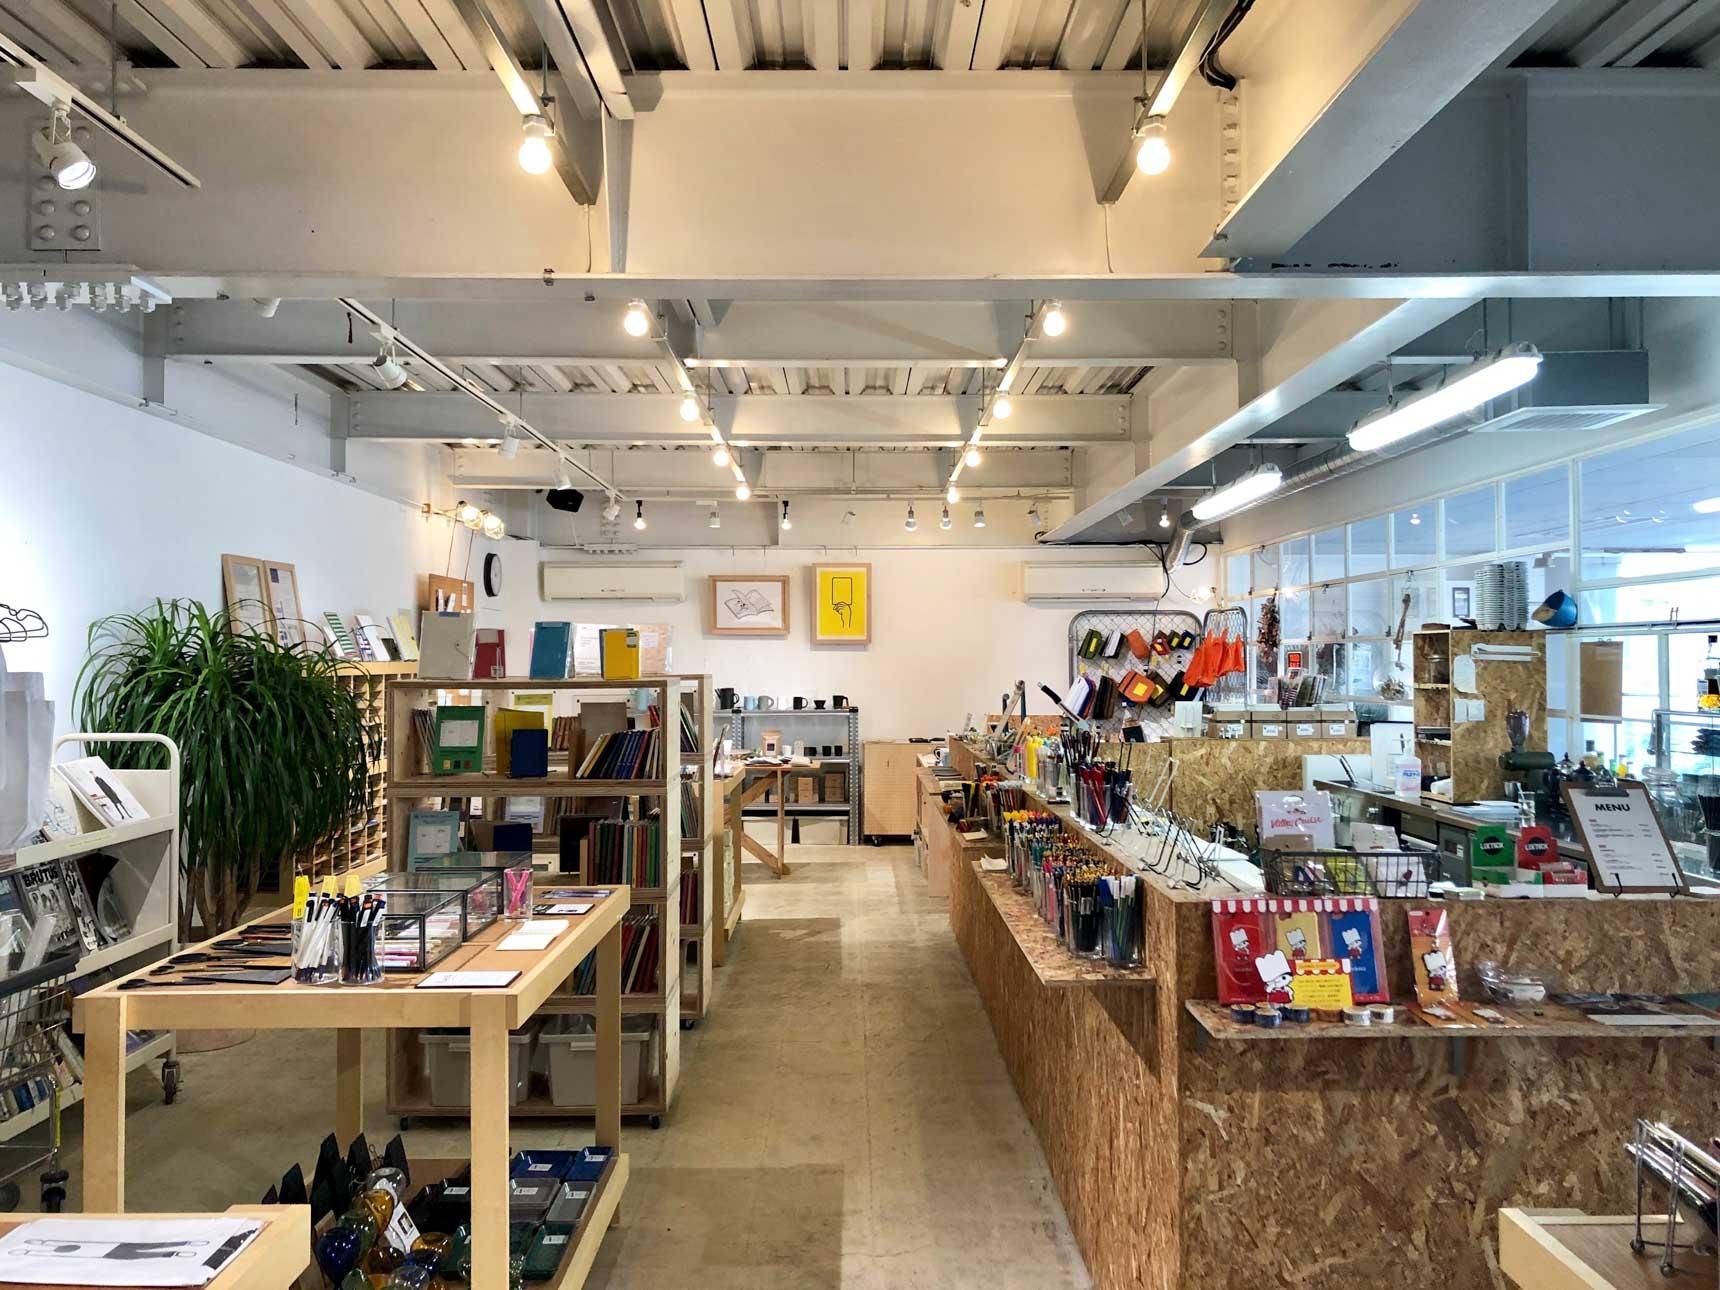 福岡生まれの文具メーカー、HIGHTIDE。 白金にオープンした直営店ではオーダーノートのカキモリも扱う他、オシャレなステーショナリーがたくさん揃います。